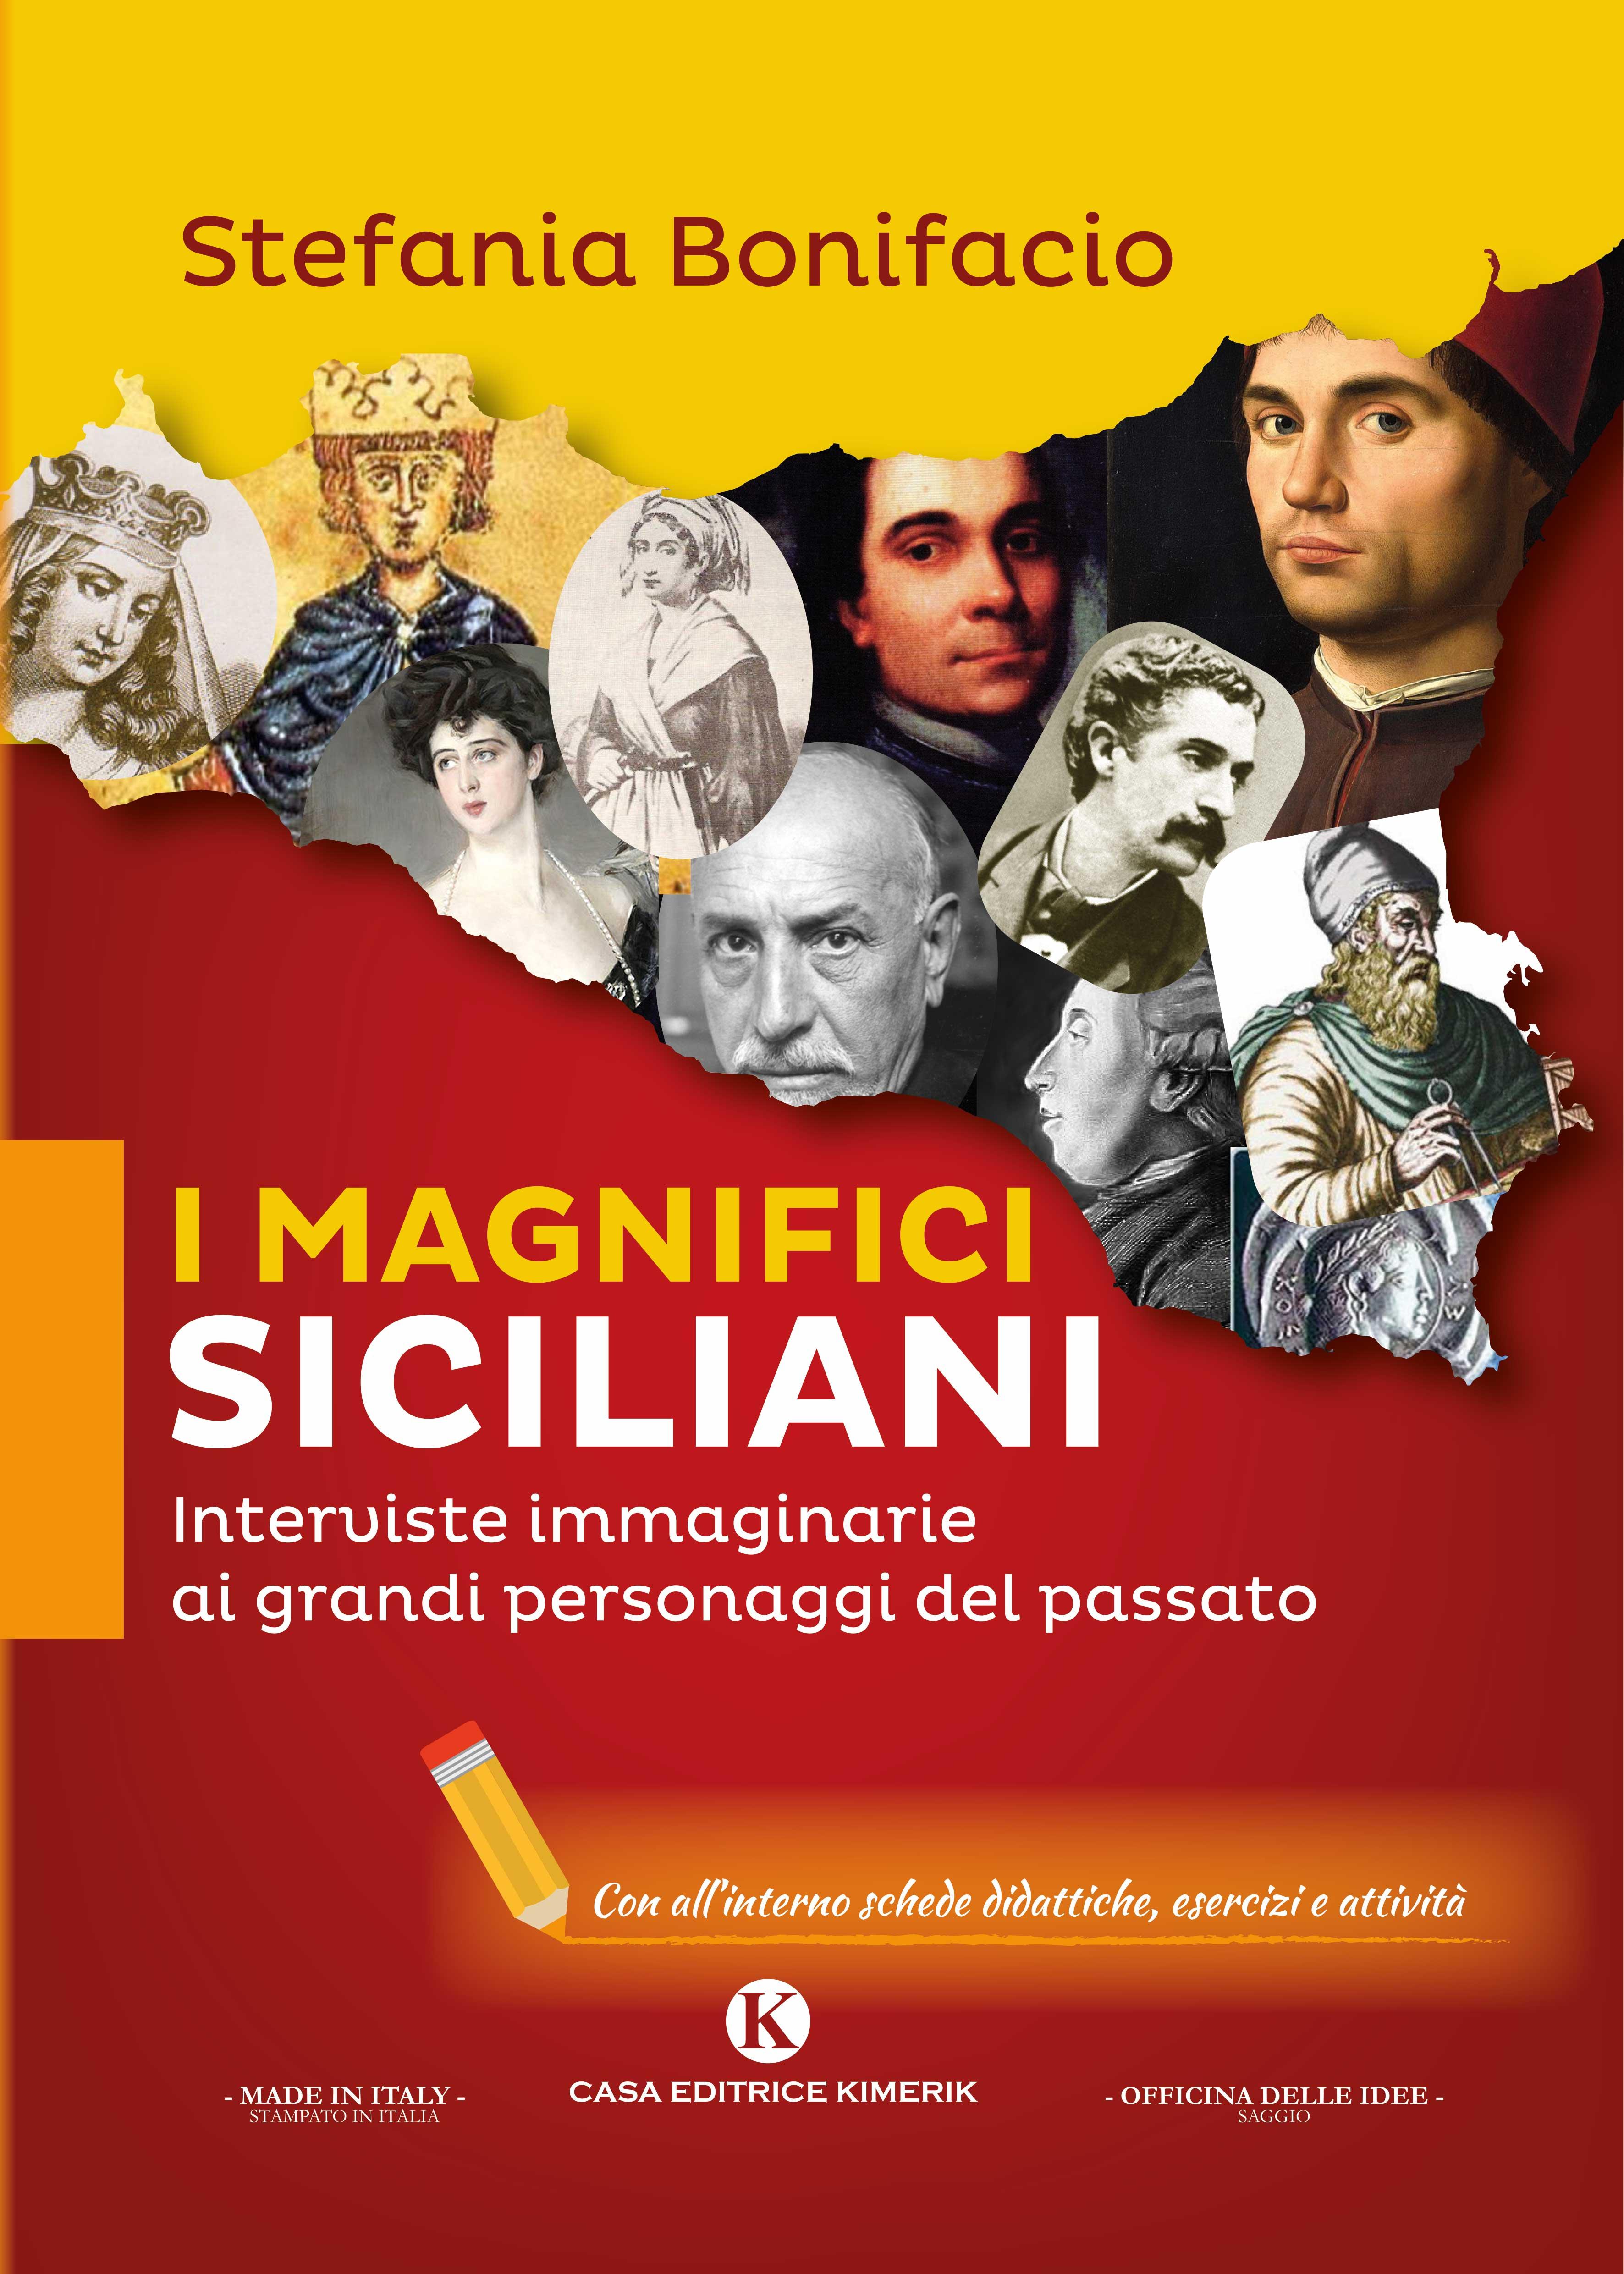 I Magnifici Siciliani